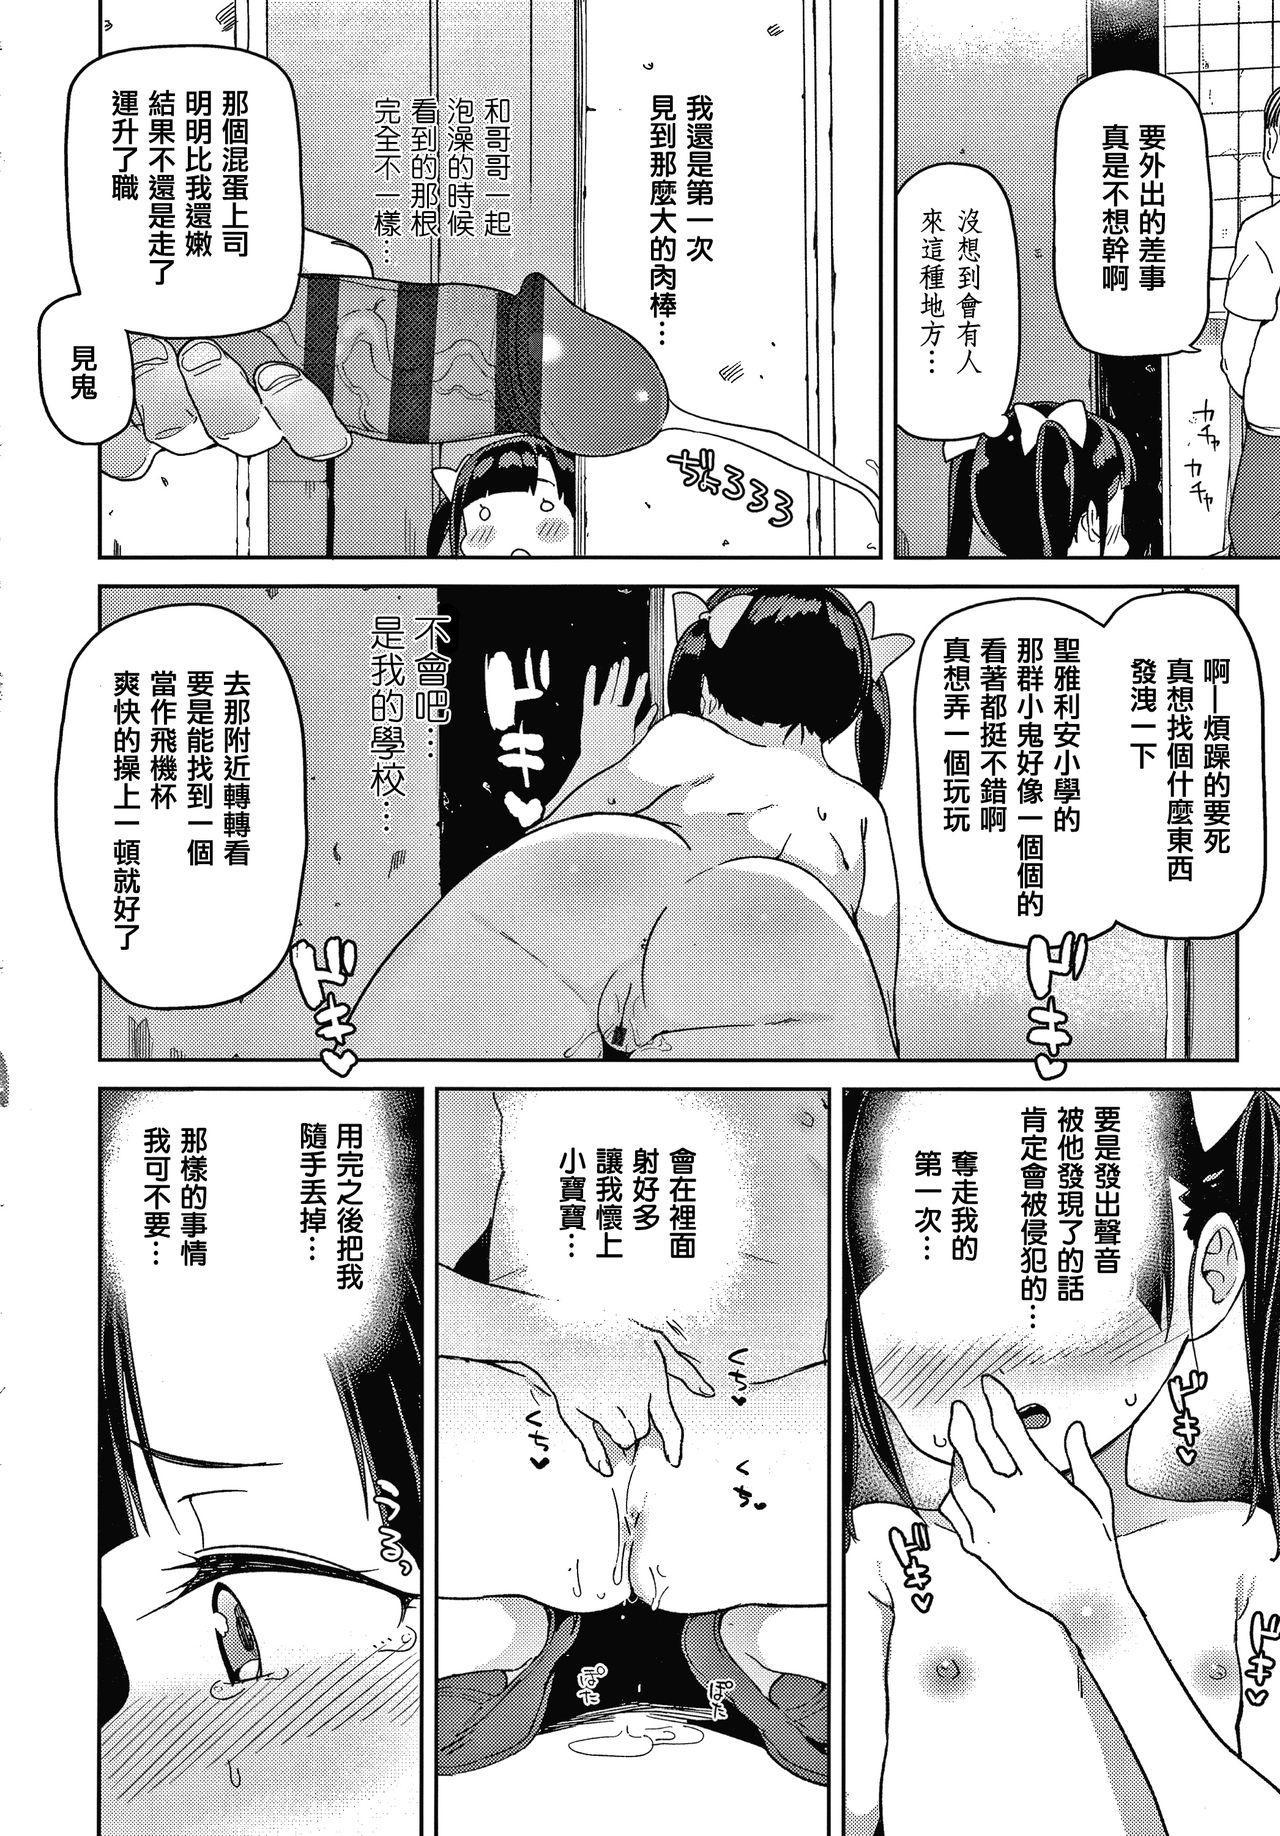 Tsugou ga Yokute Kawaii Mesu. 27